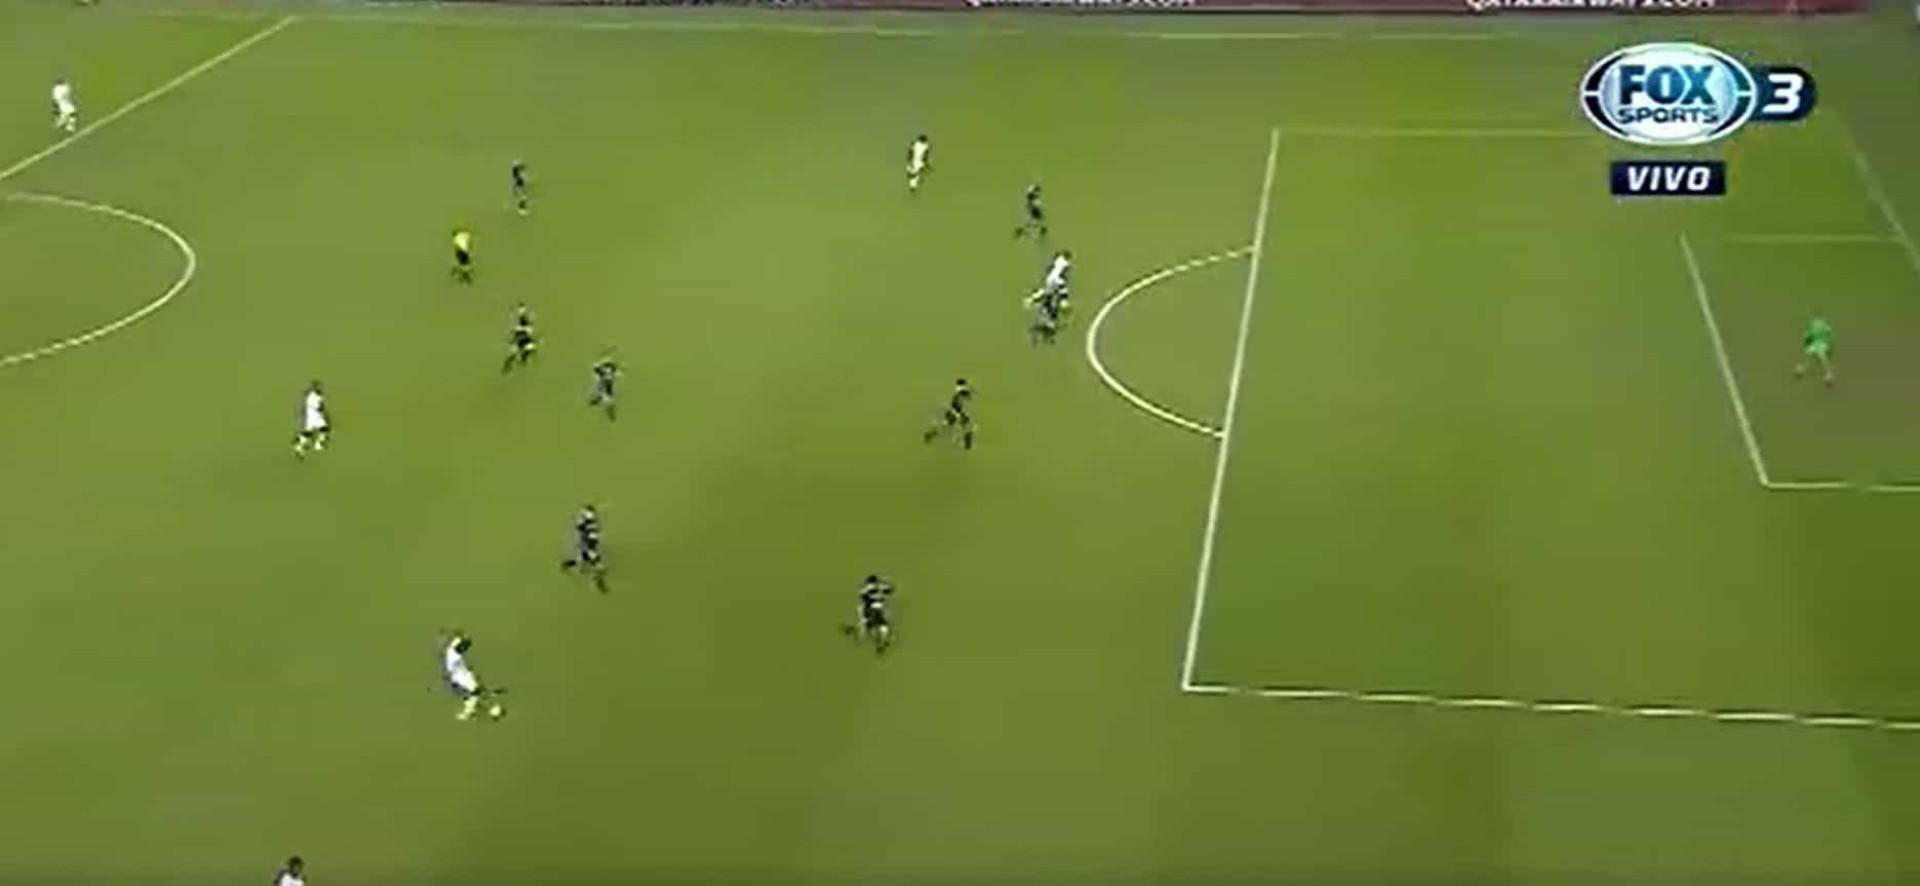 Parece mentira, mas o VAR anulou este golo na Libertadores